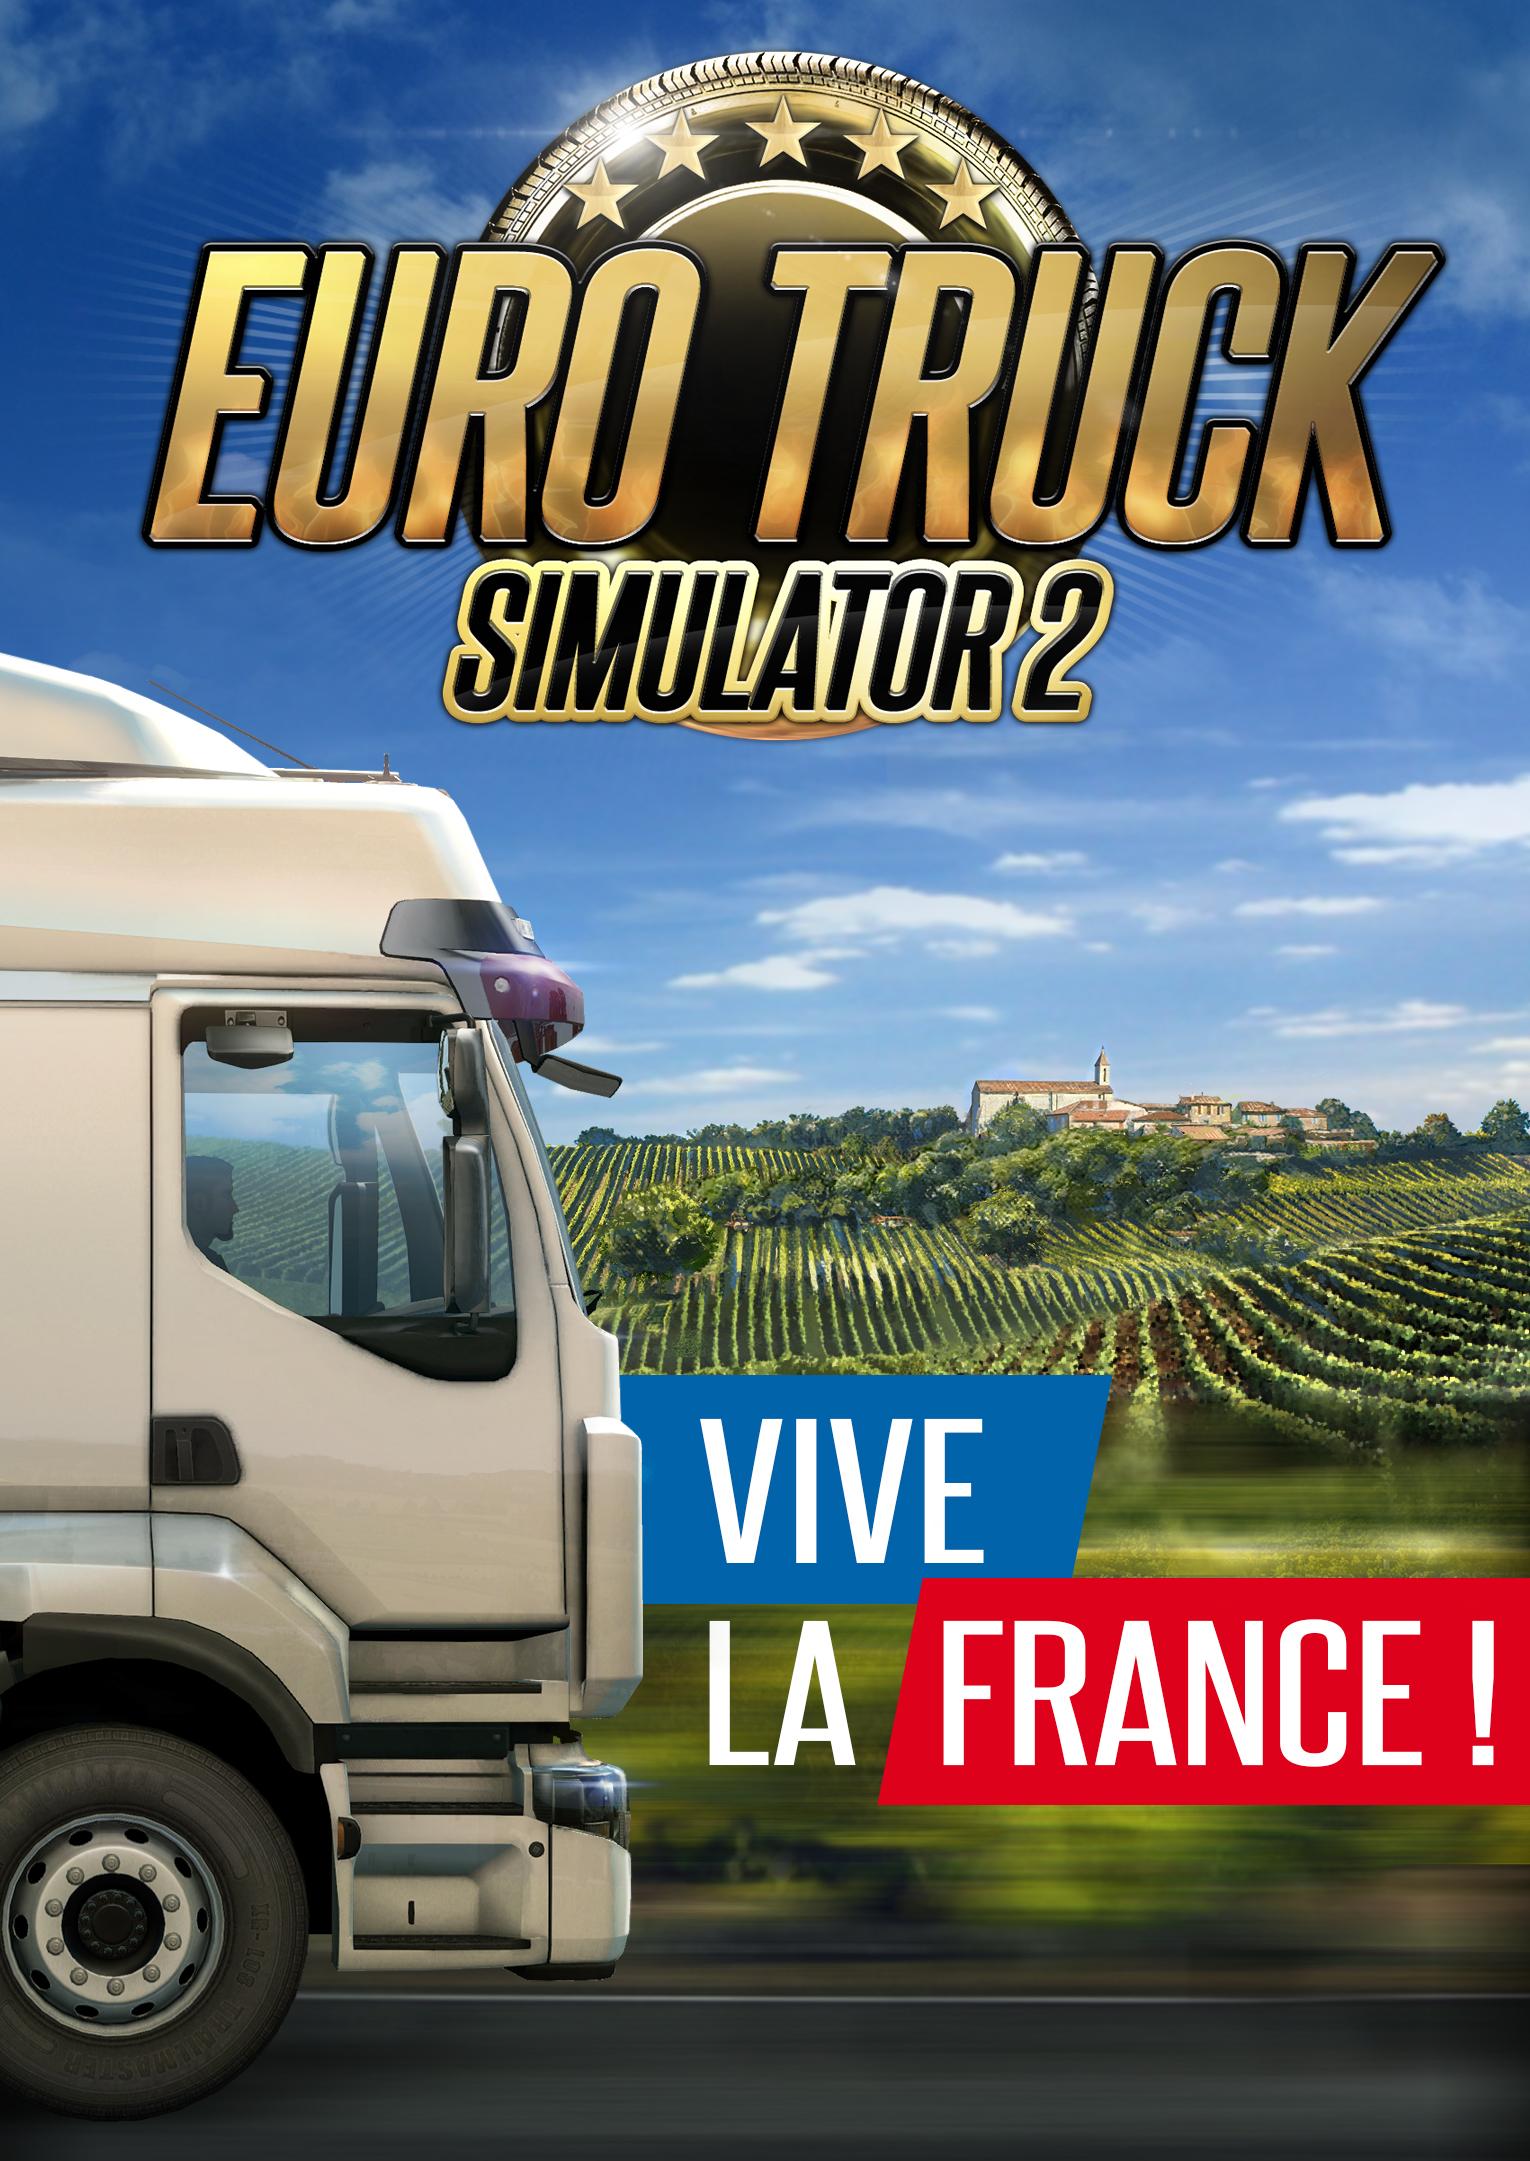 scs software euro truck simulator 2 vive la france. Black Bedroom Furniture Sets. Home Design Ideas